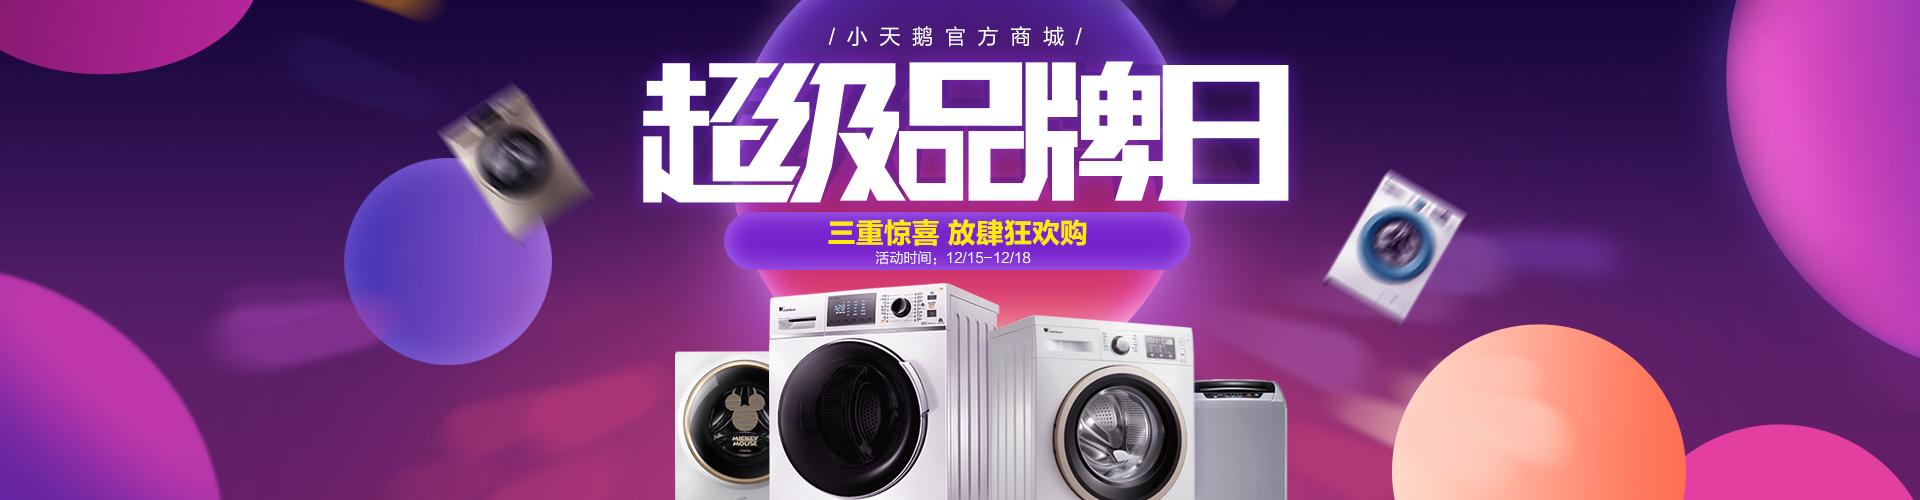 【1】活动-品牌日